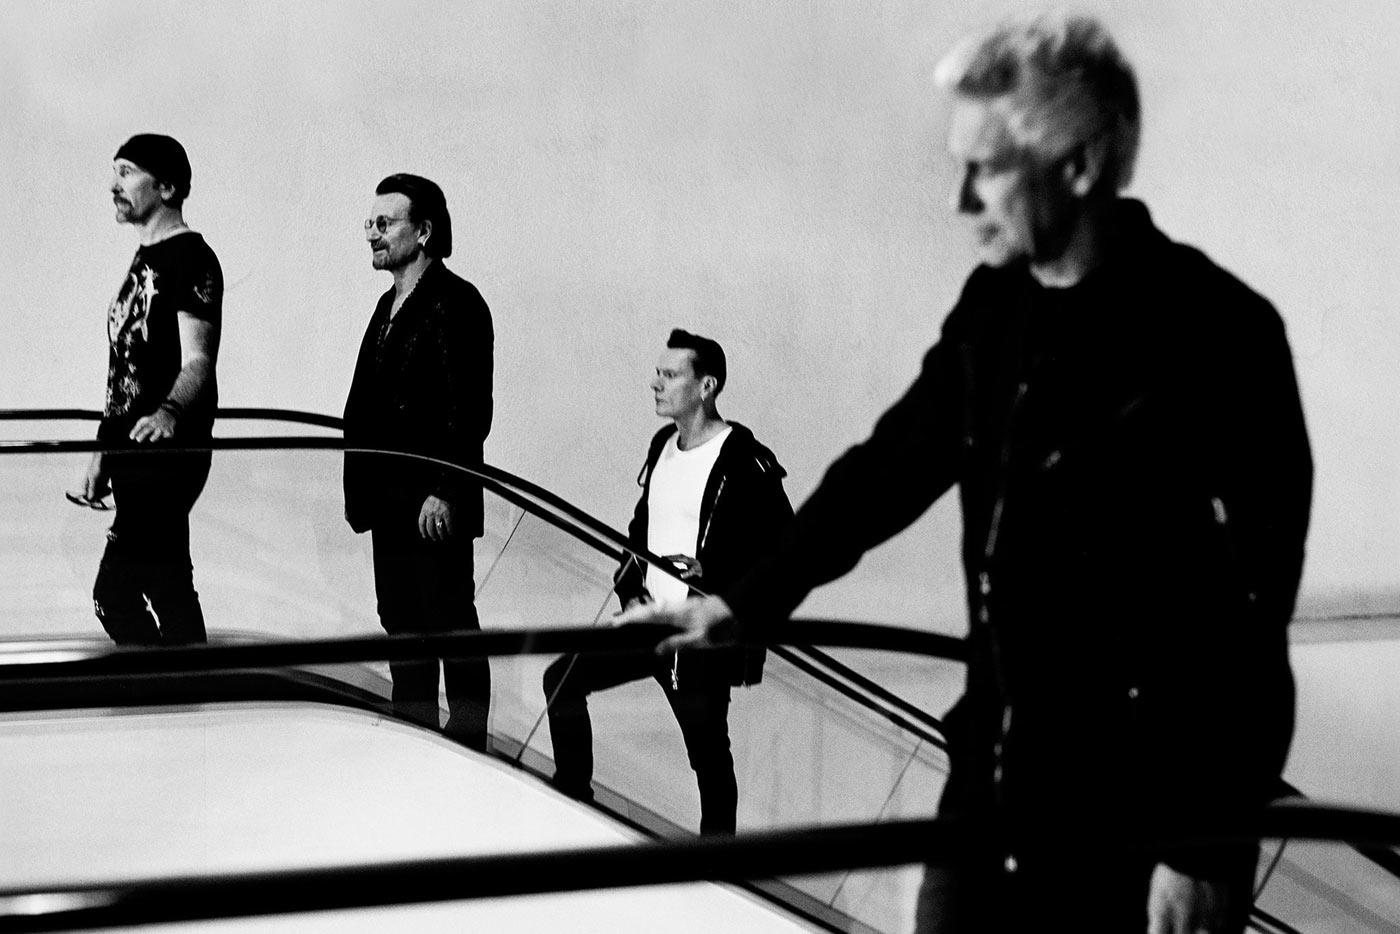 Se descubre la grabación más antigua de U2 y dos temas inéditos